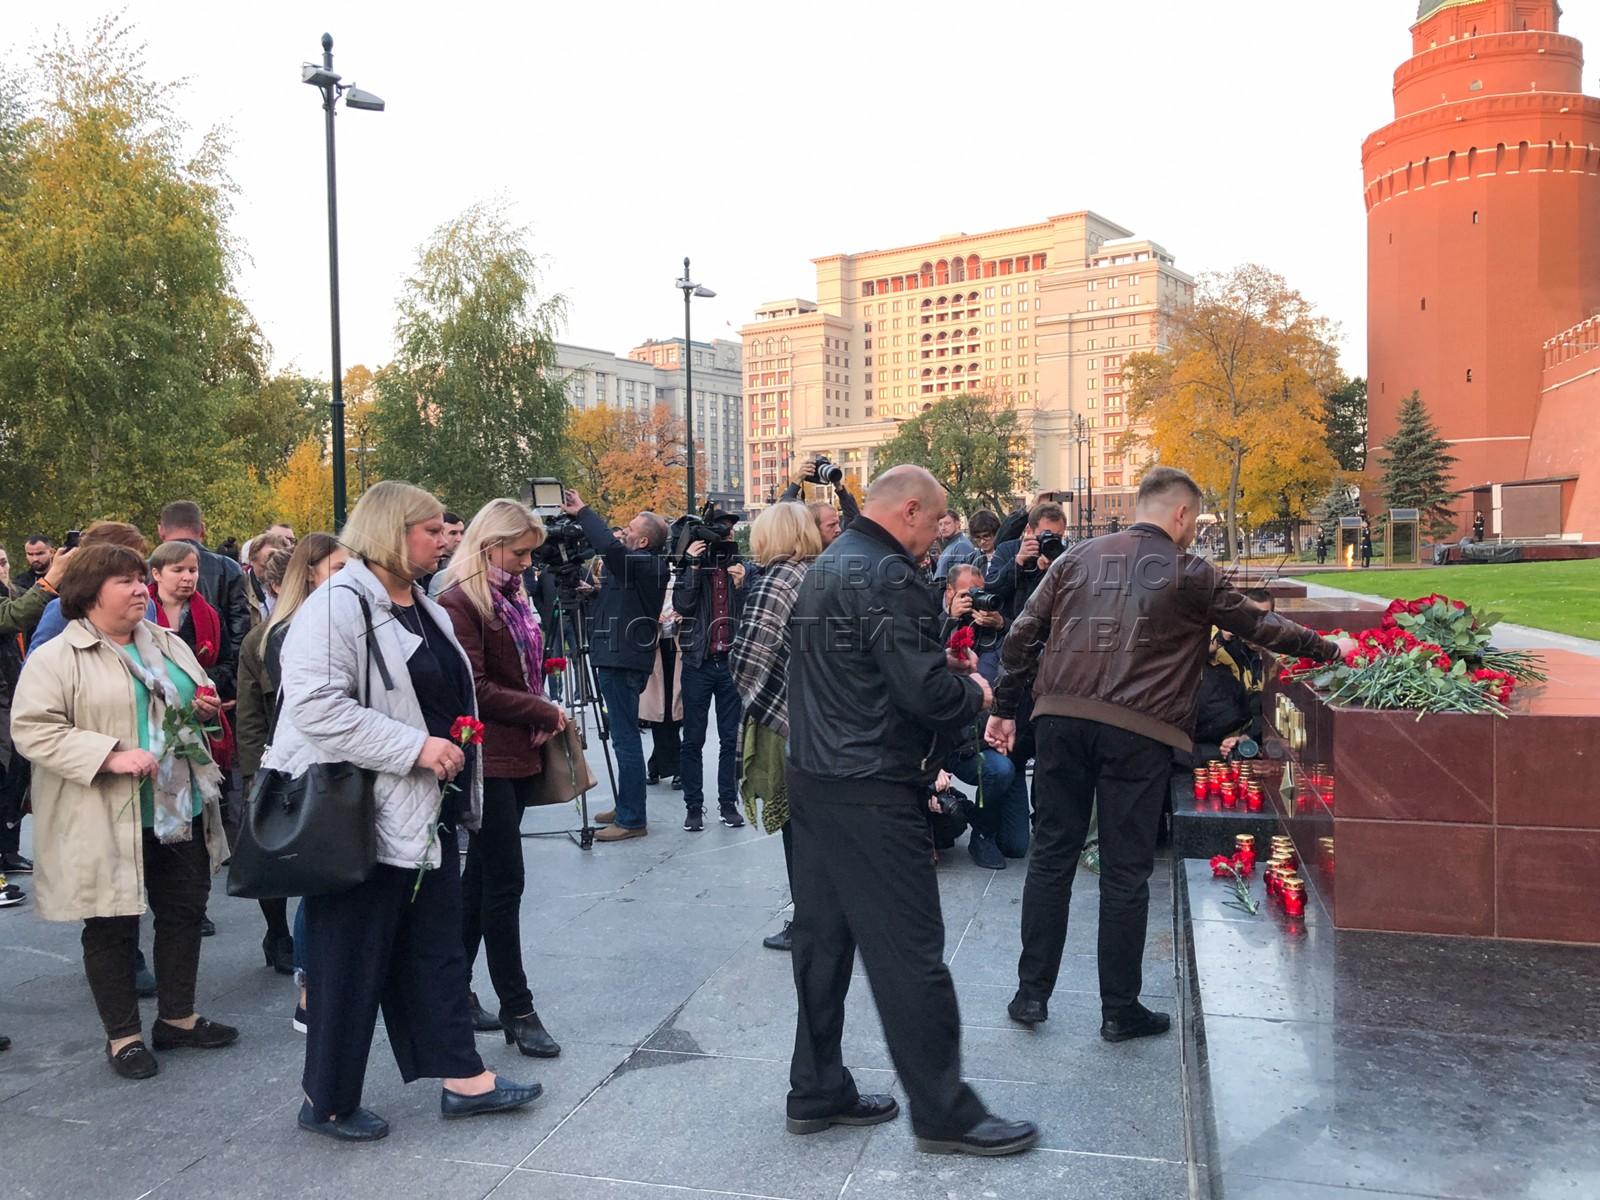 Автор фото: Мобильный репортер. Цветы в память о погибших при нападении на колледж в Керчи.